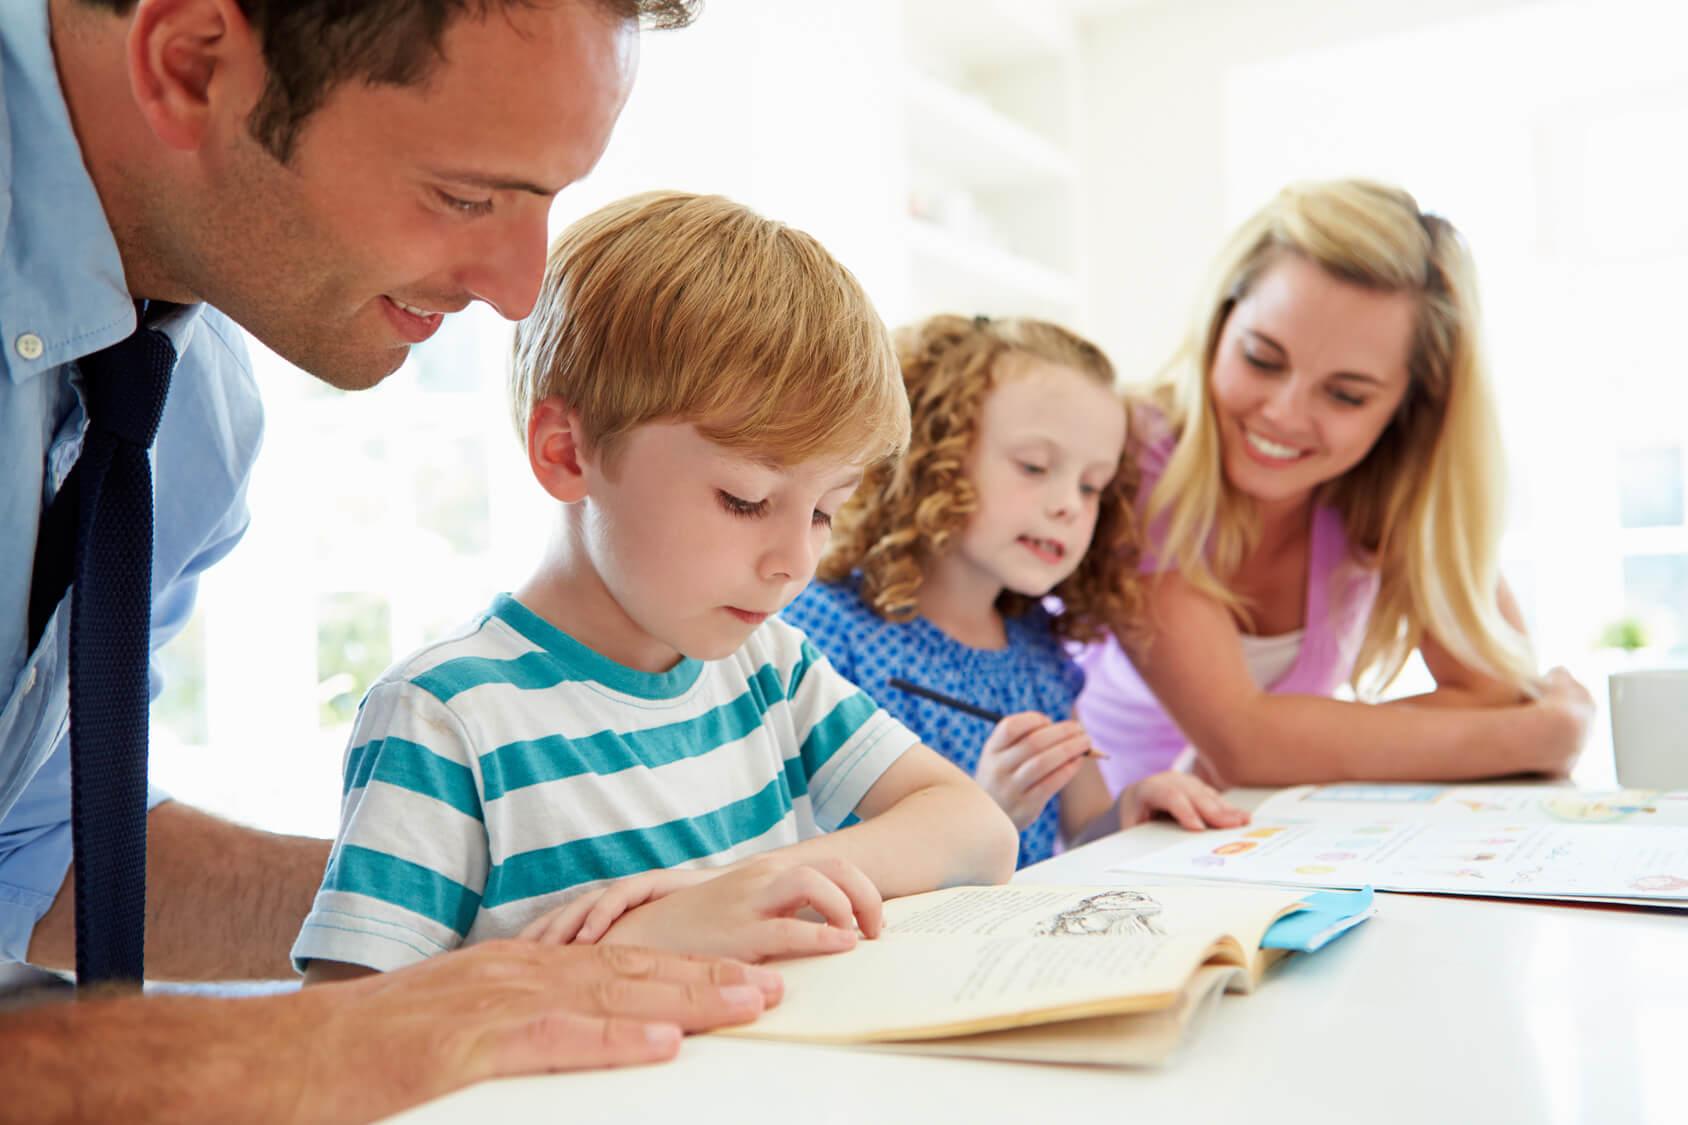 Μελέτη στο σπίτι – 11 συμβουλές για γονείς…σε απόγνωση